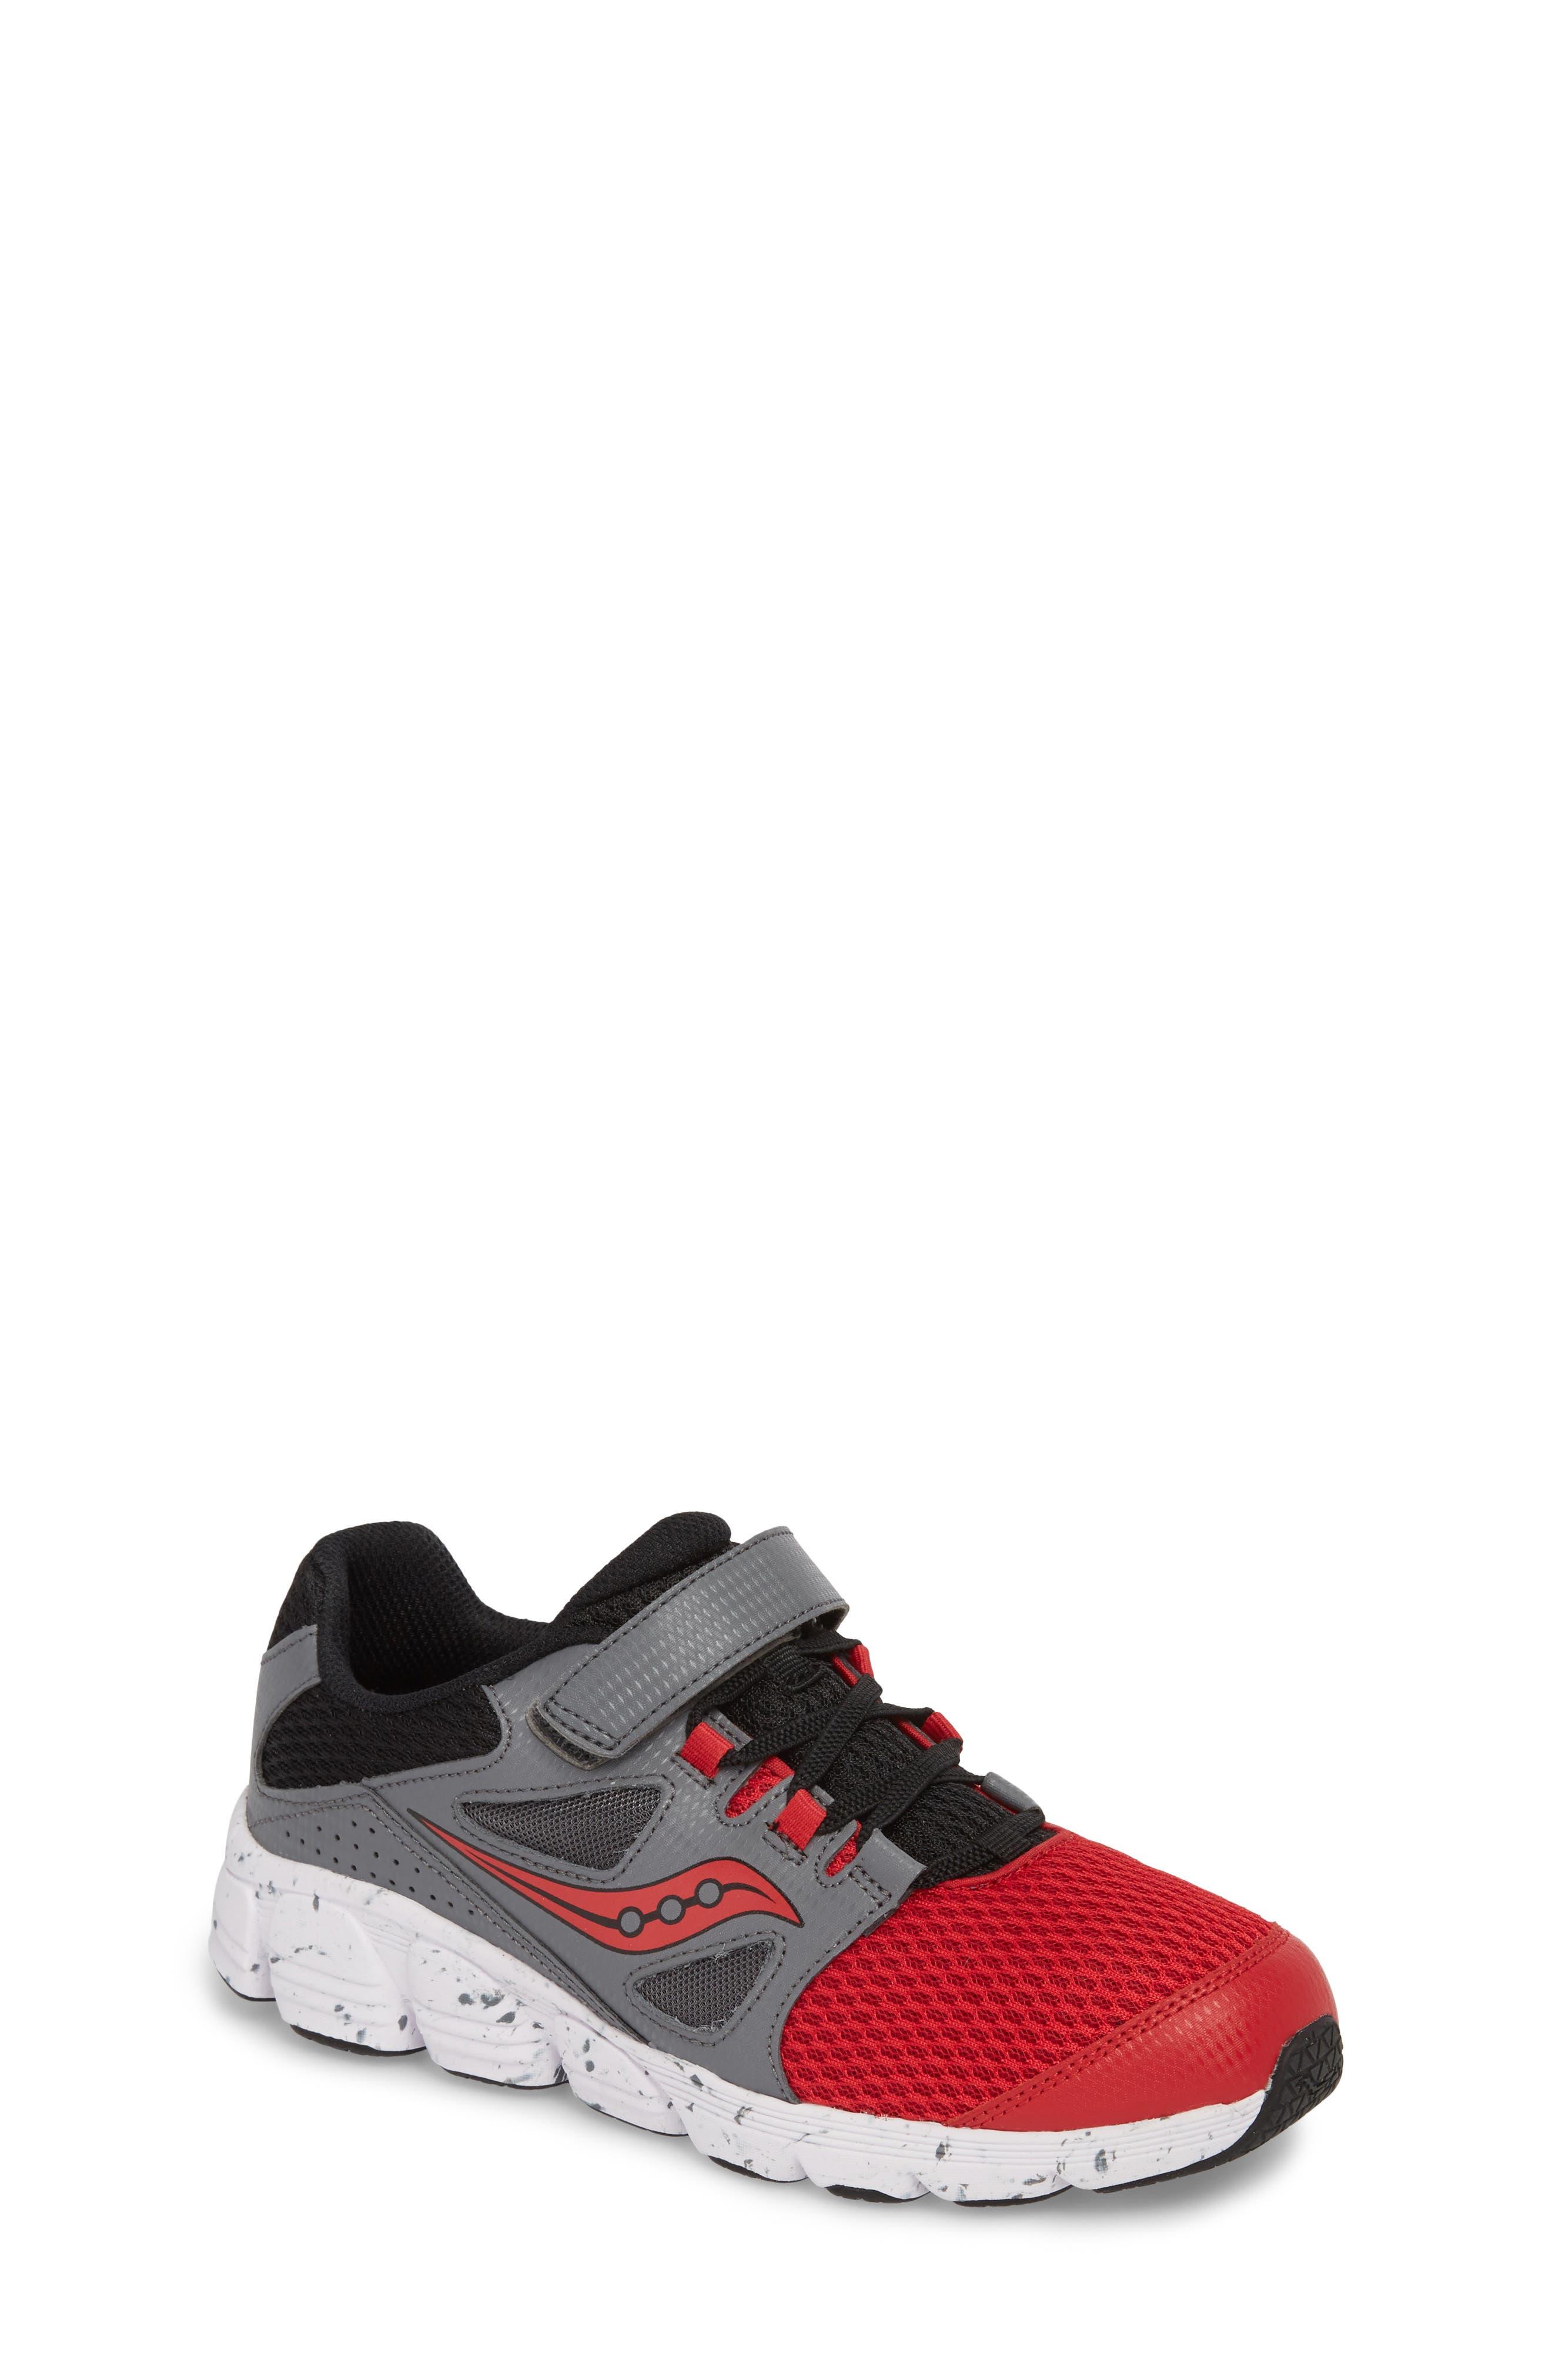 Kotaro 4 Sneaker,                         Main,                         color, Red/ Grey